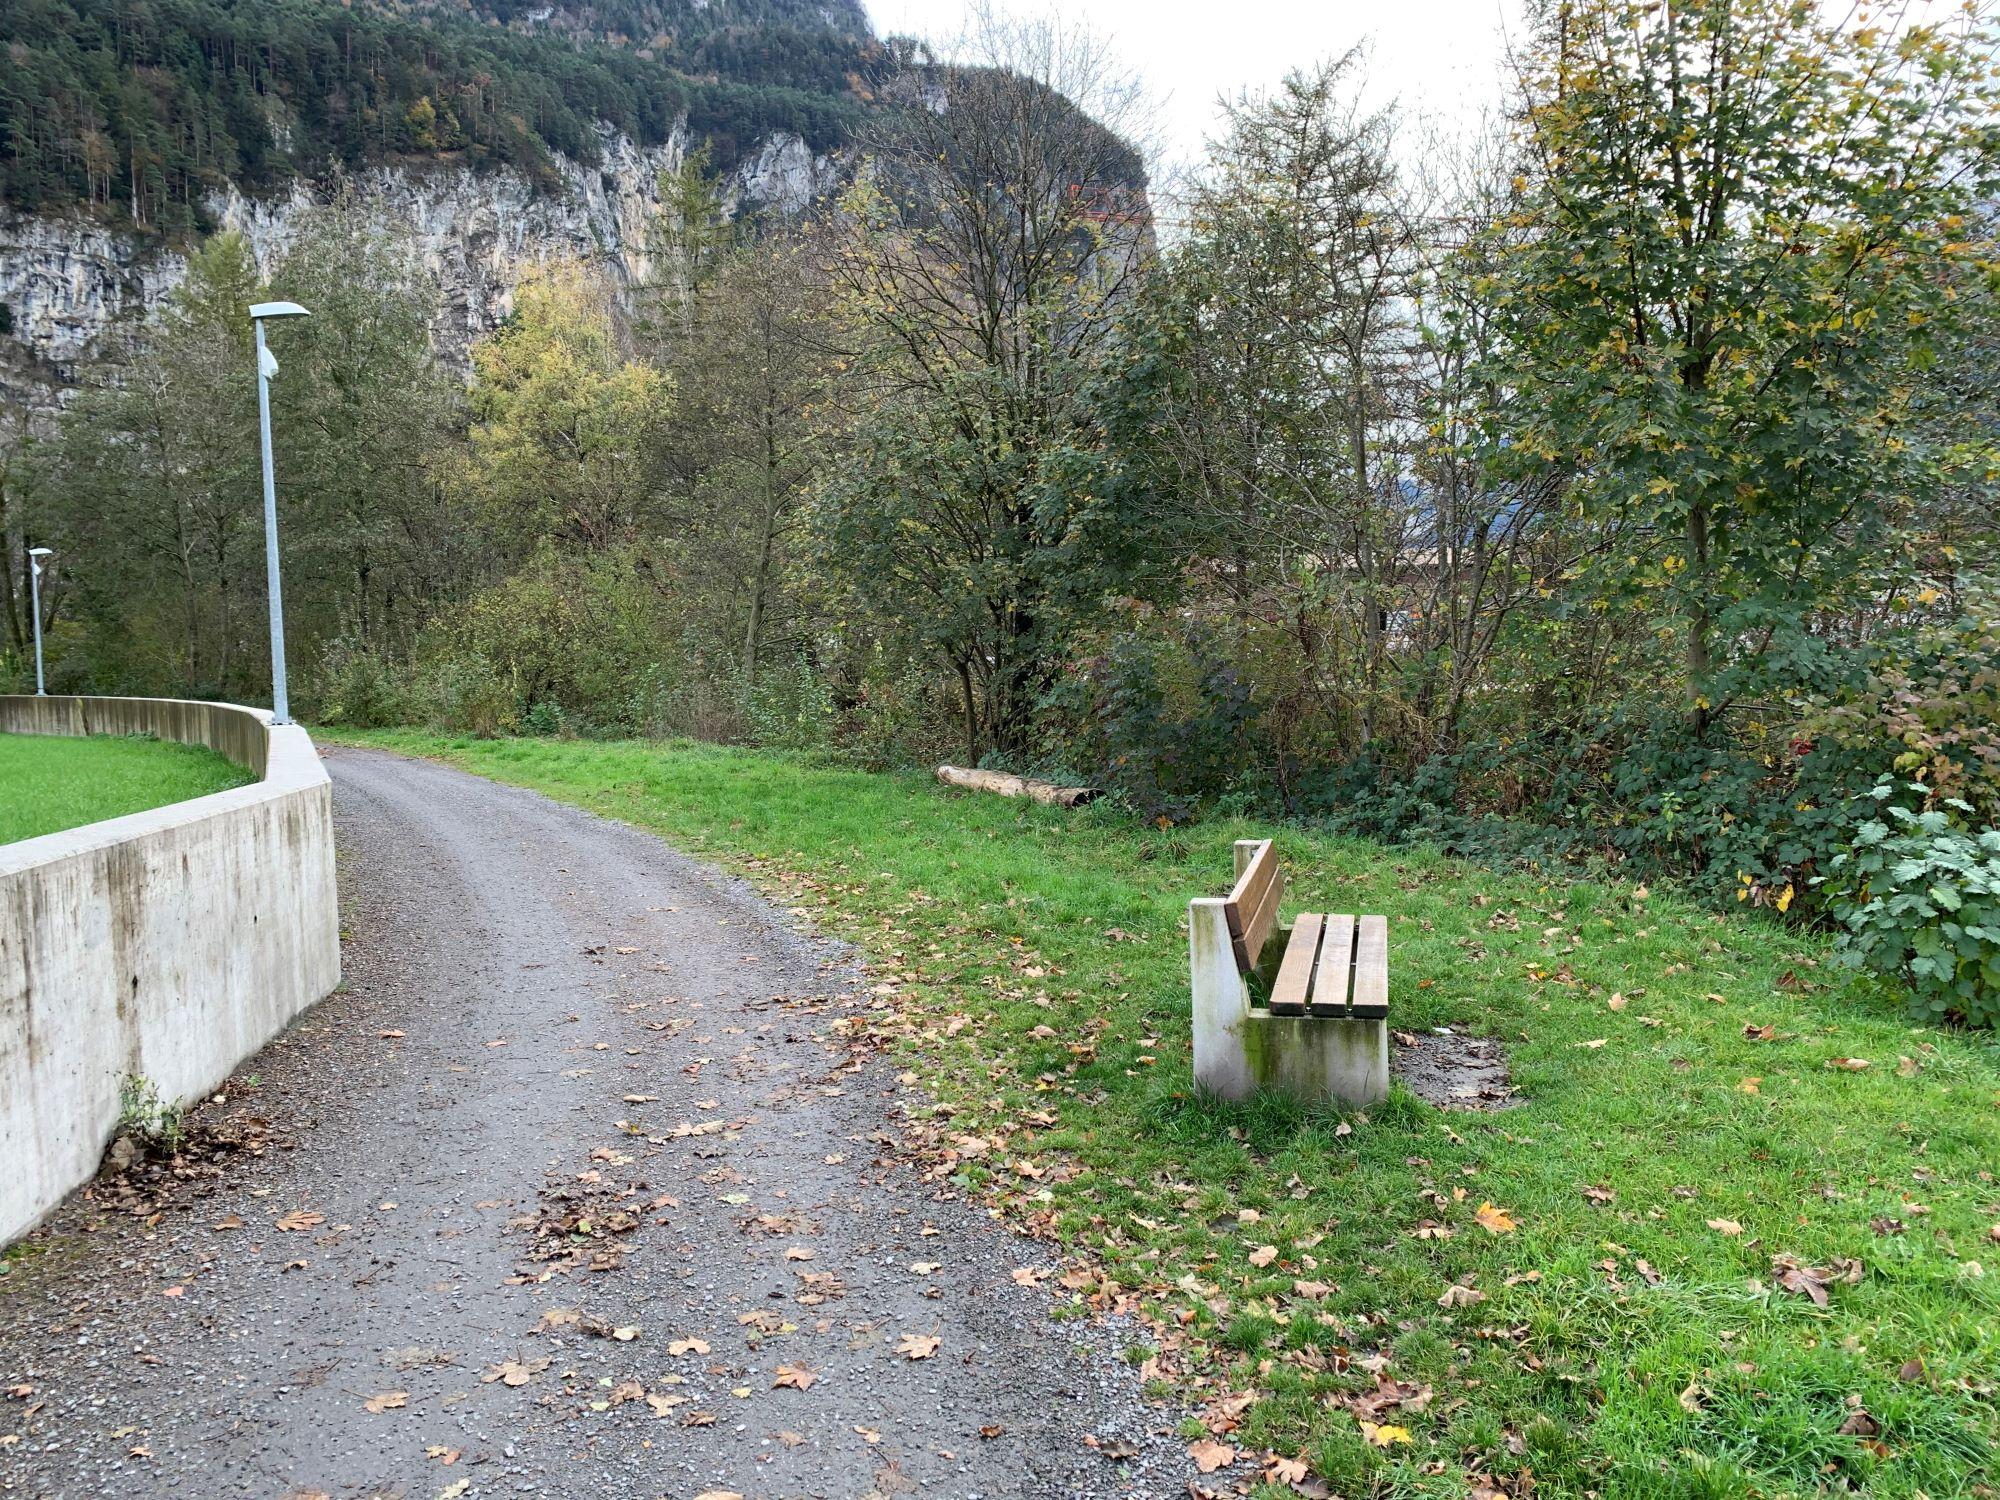 4_Hochwasserschutzmauer_Tellpark2.JPG